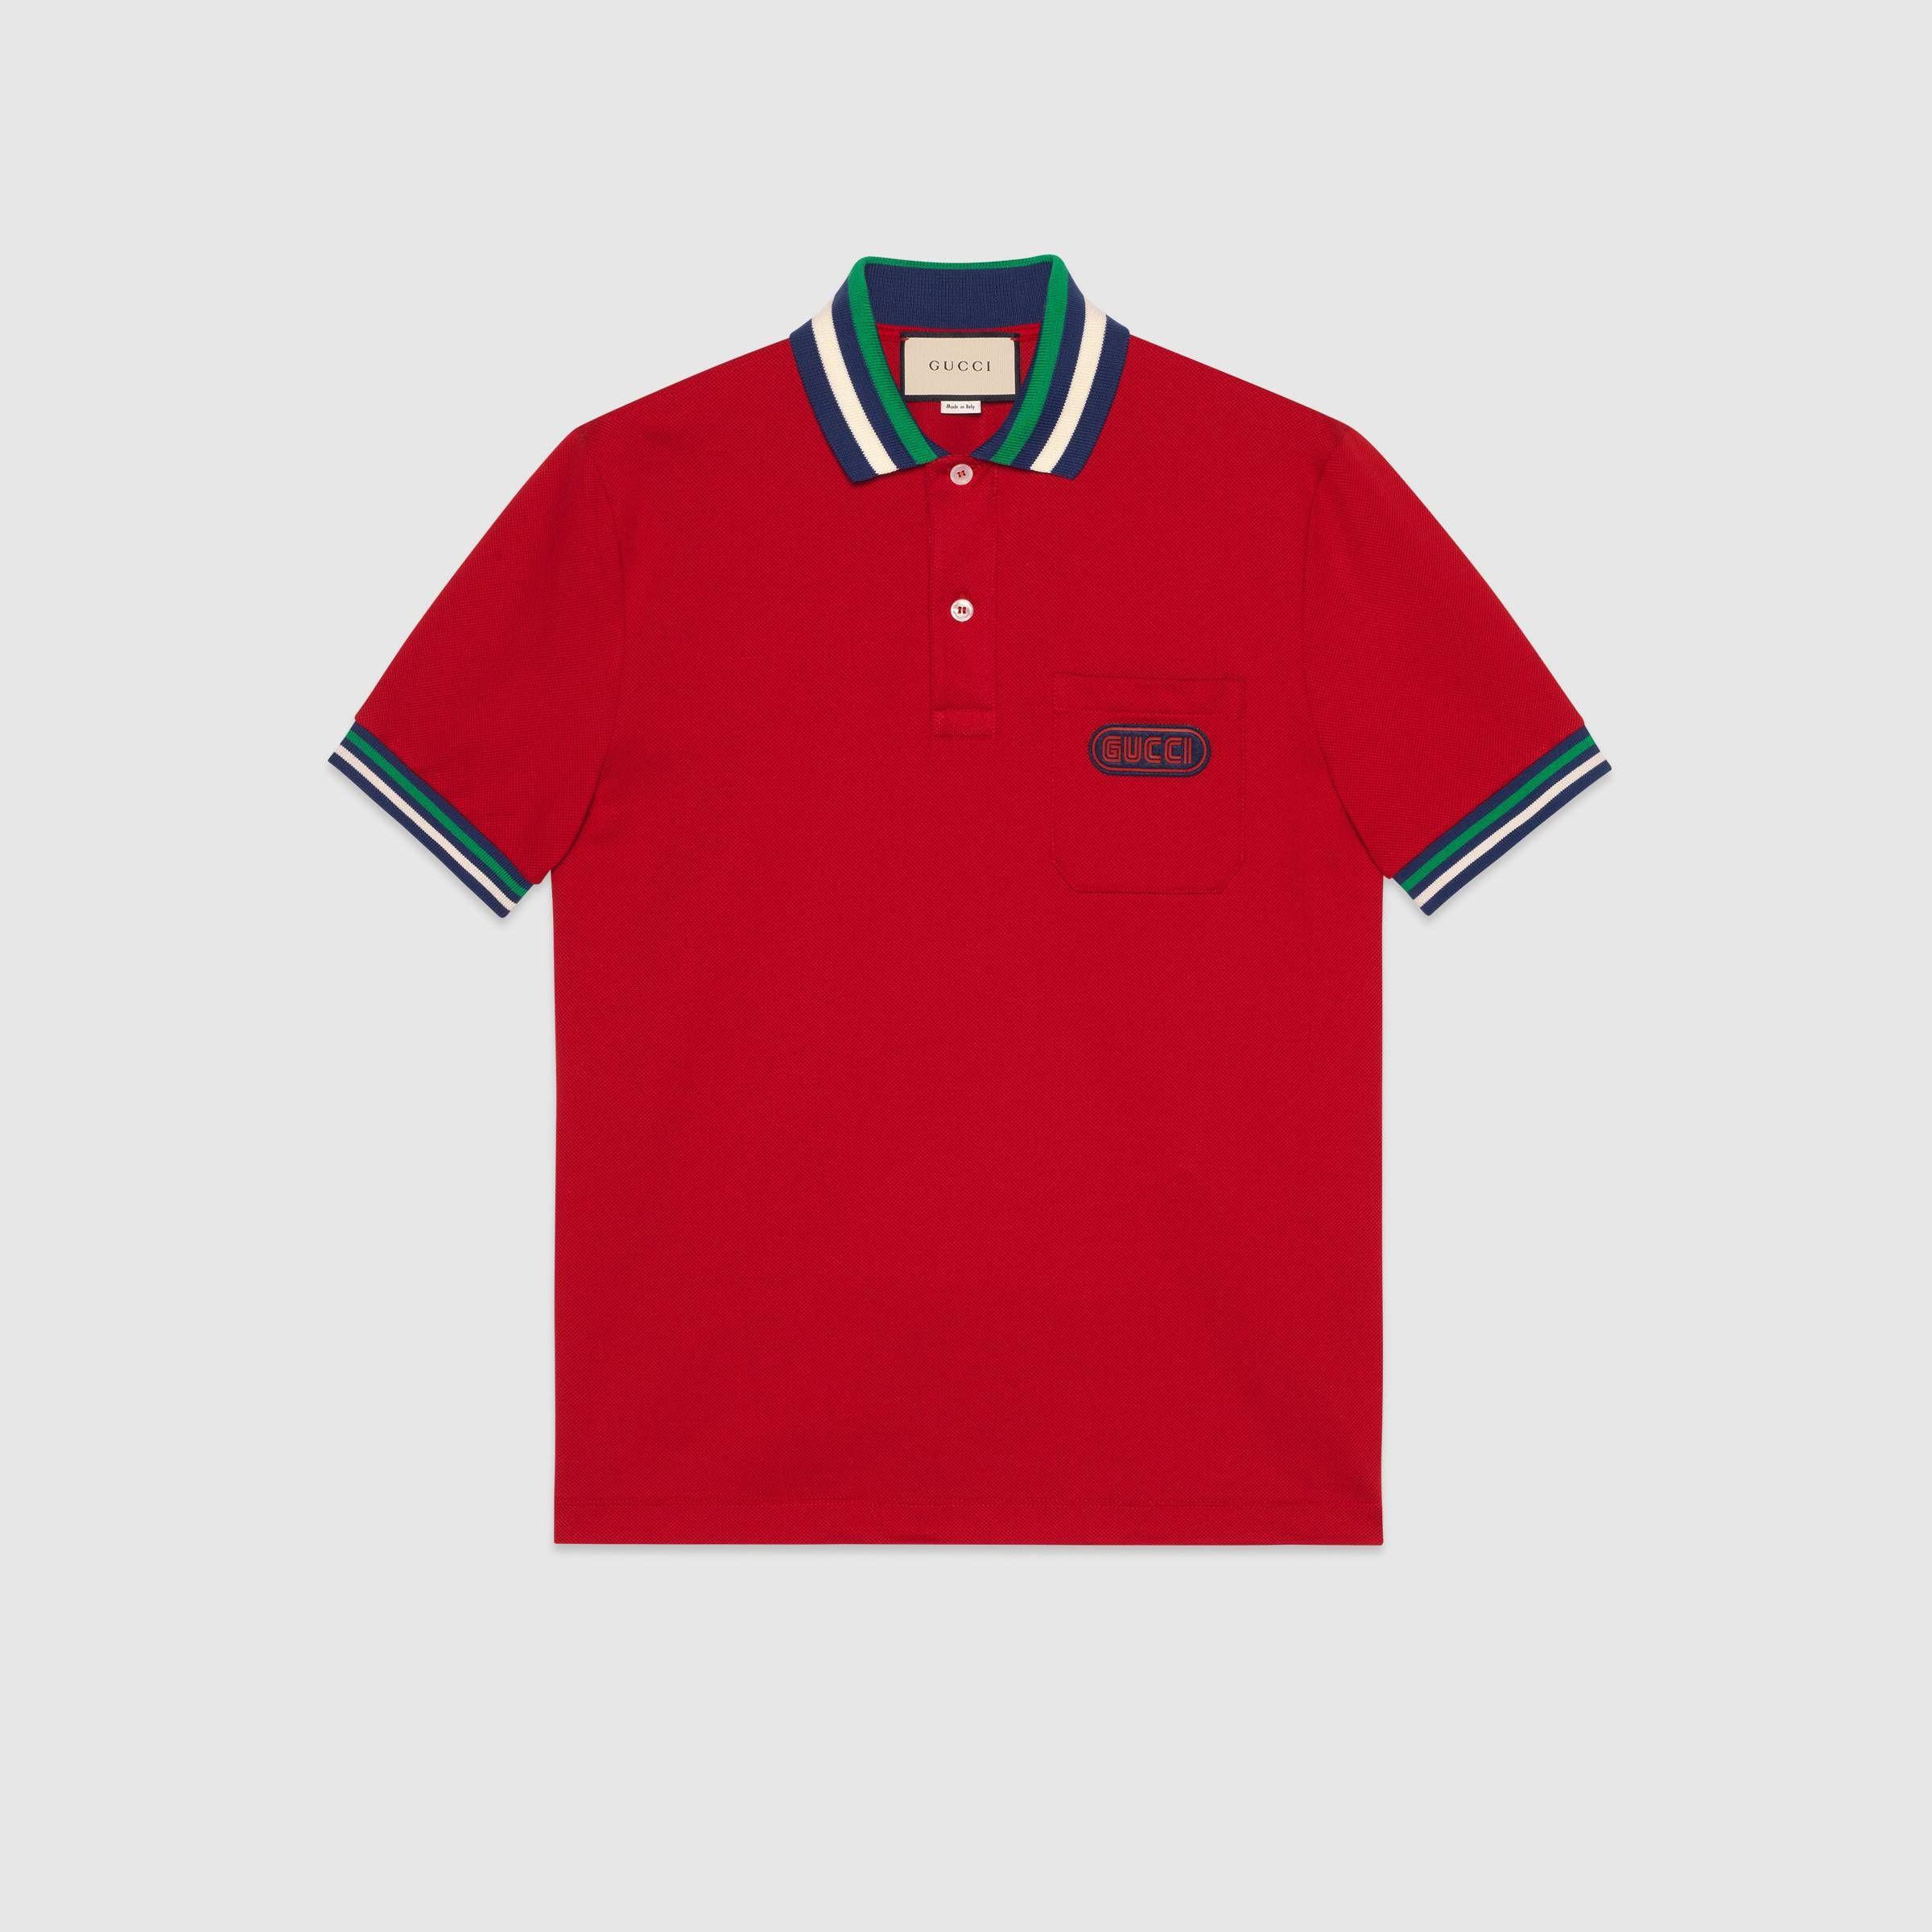 3a2f5b03d8f6 Polo with Gucci patch - Gucci Men's T-shirts & Polos 527727X9X766527 ...